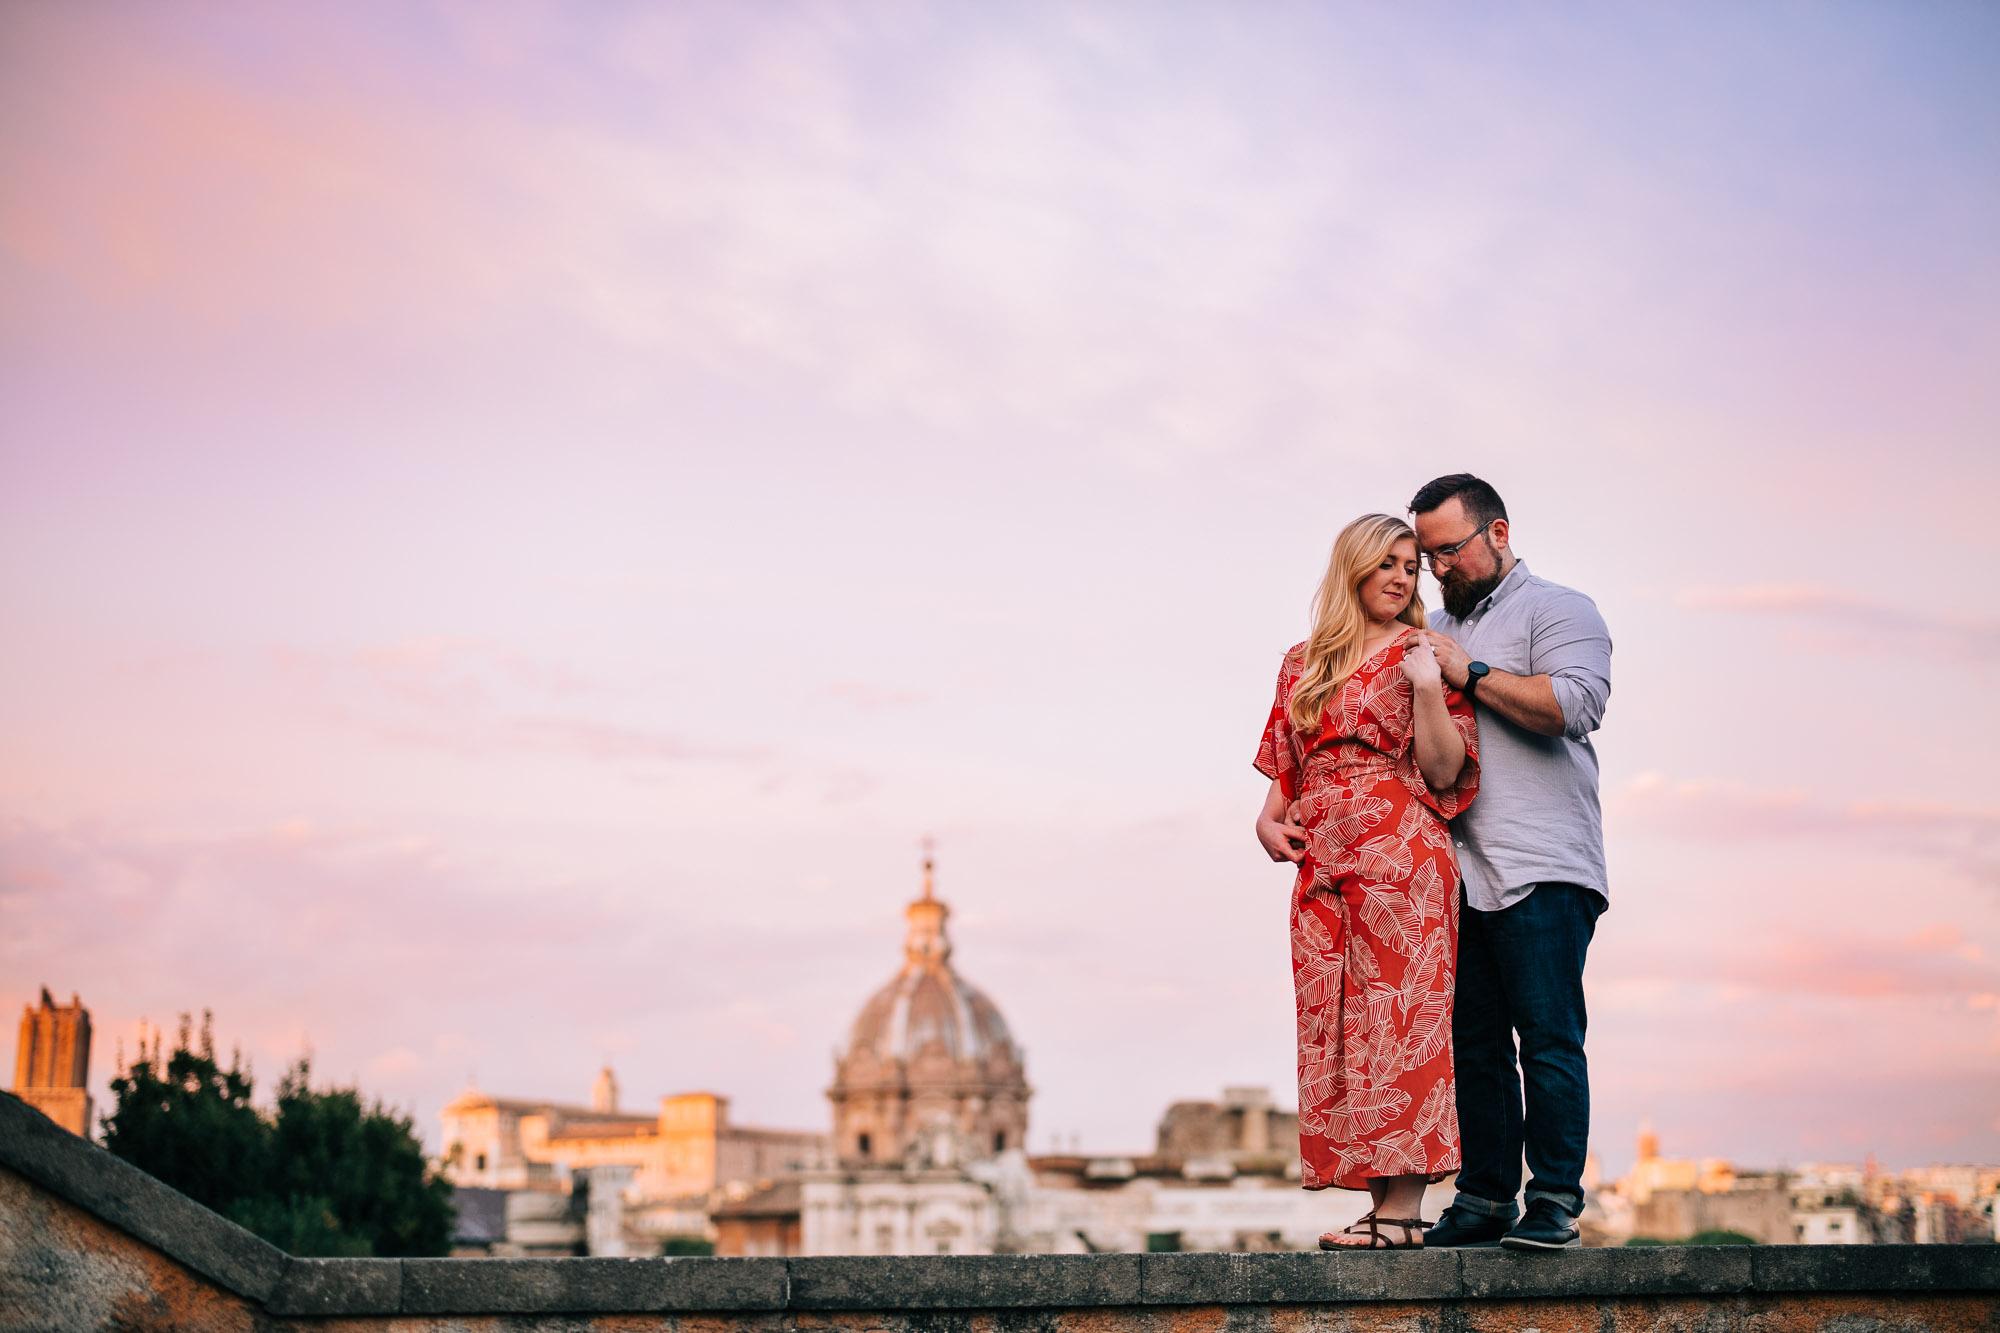 Rome_anniversary_photoshoot-1848.jpg